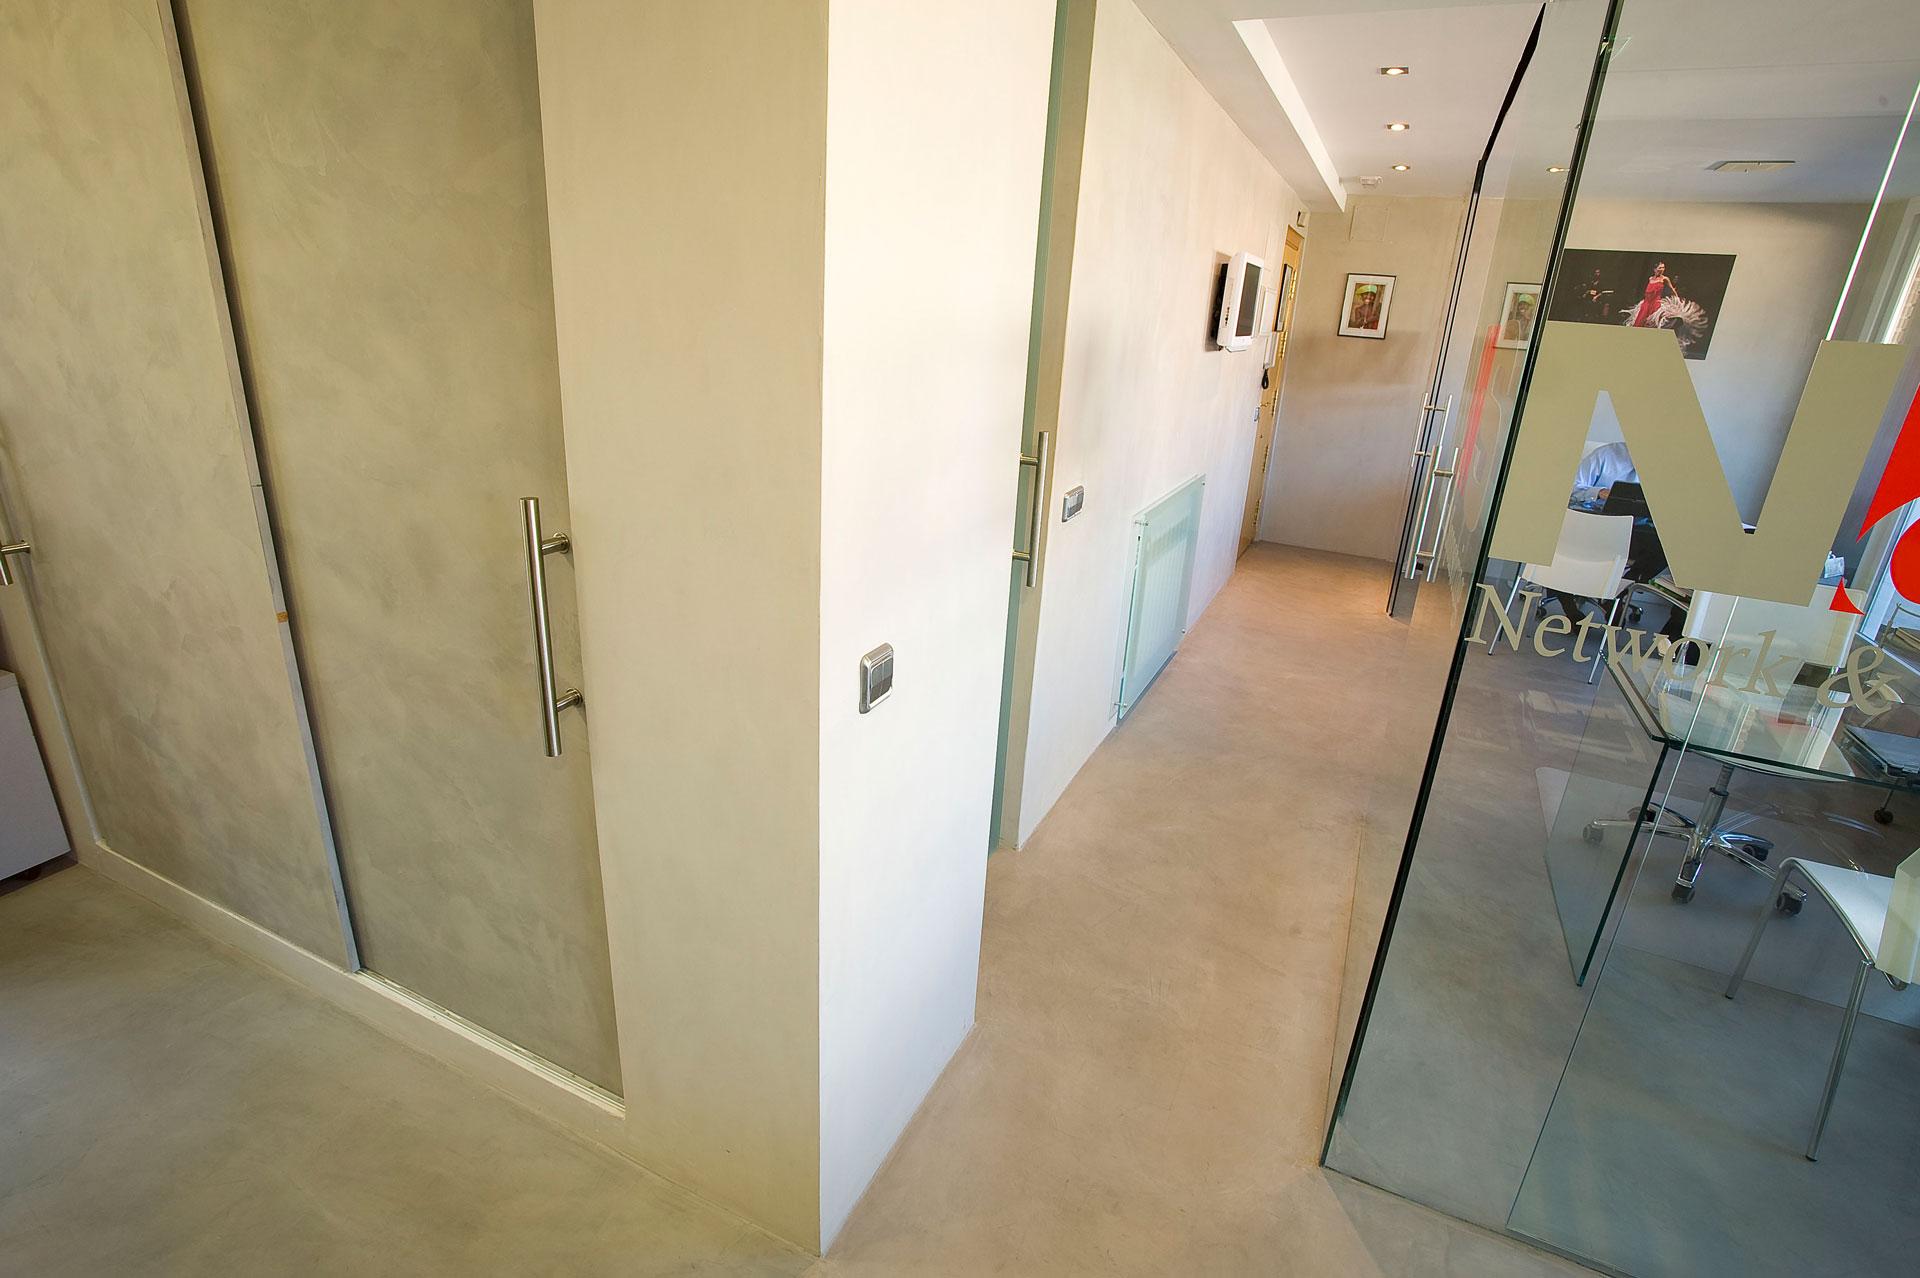 Ufficio con pavimento e pareti in microcemento bianco